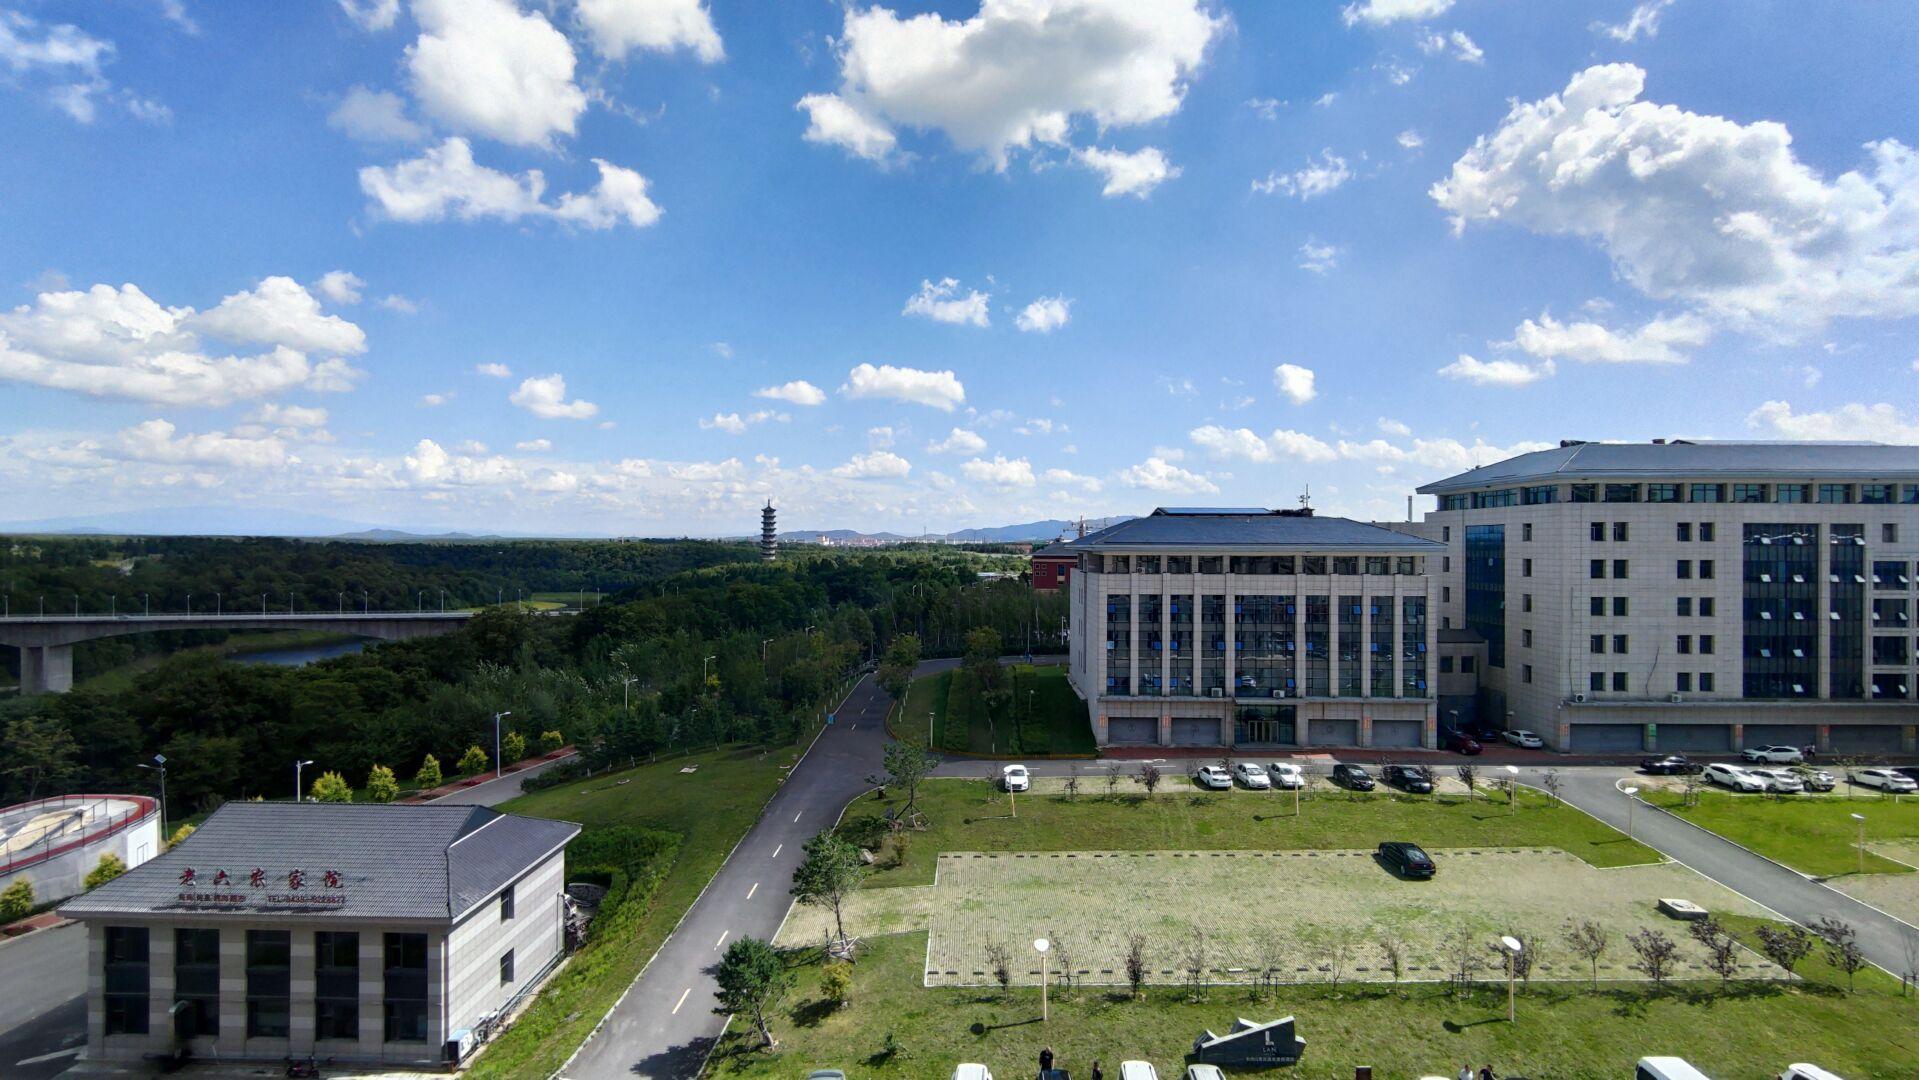 县政府大楼